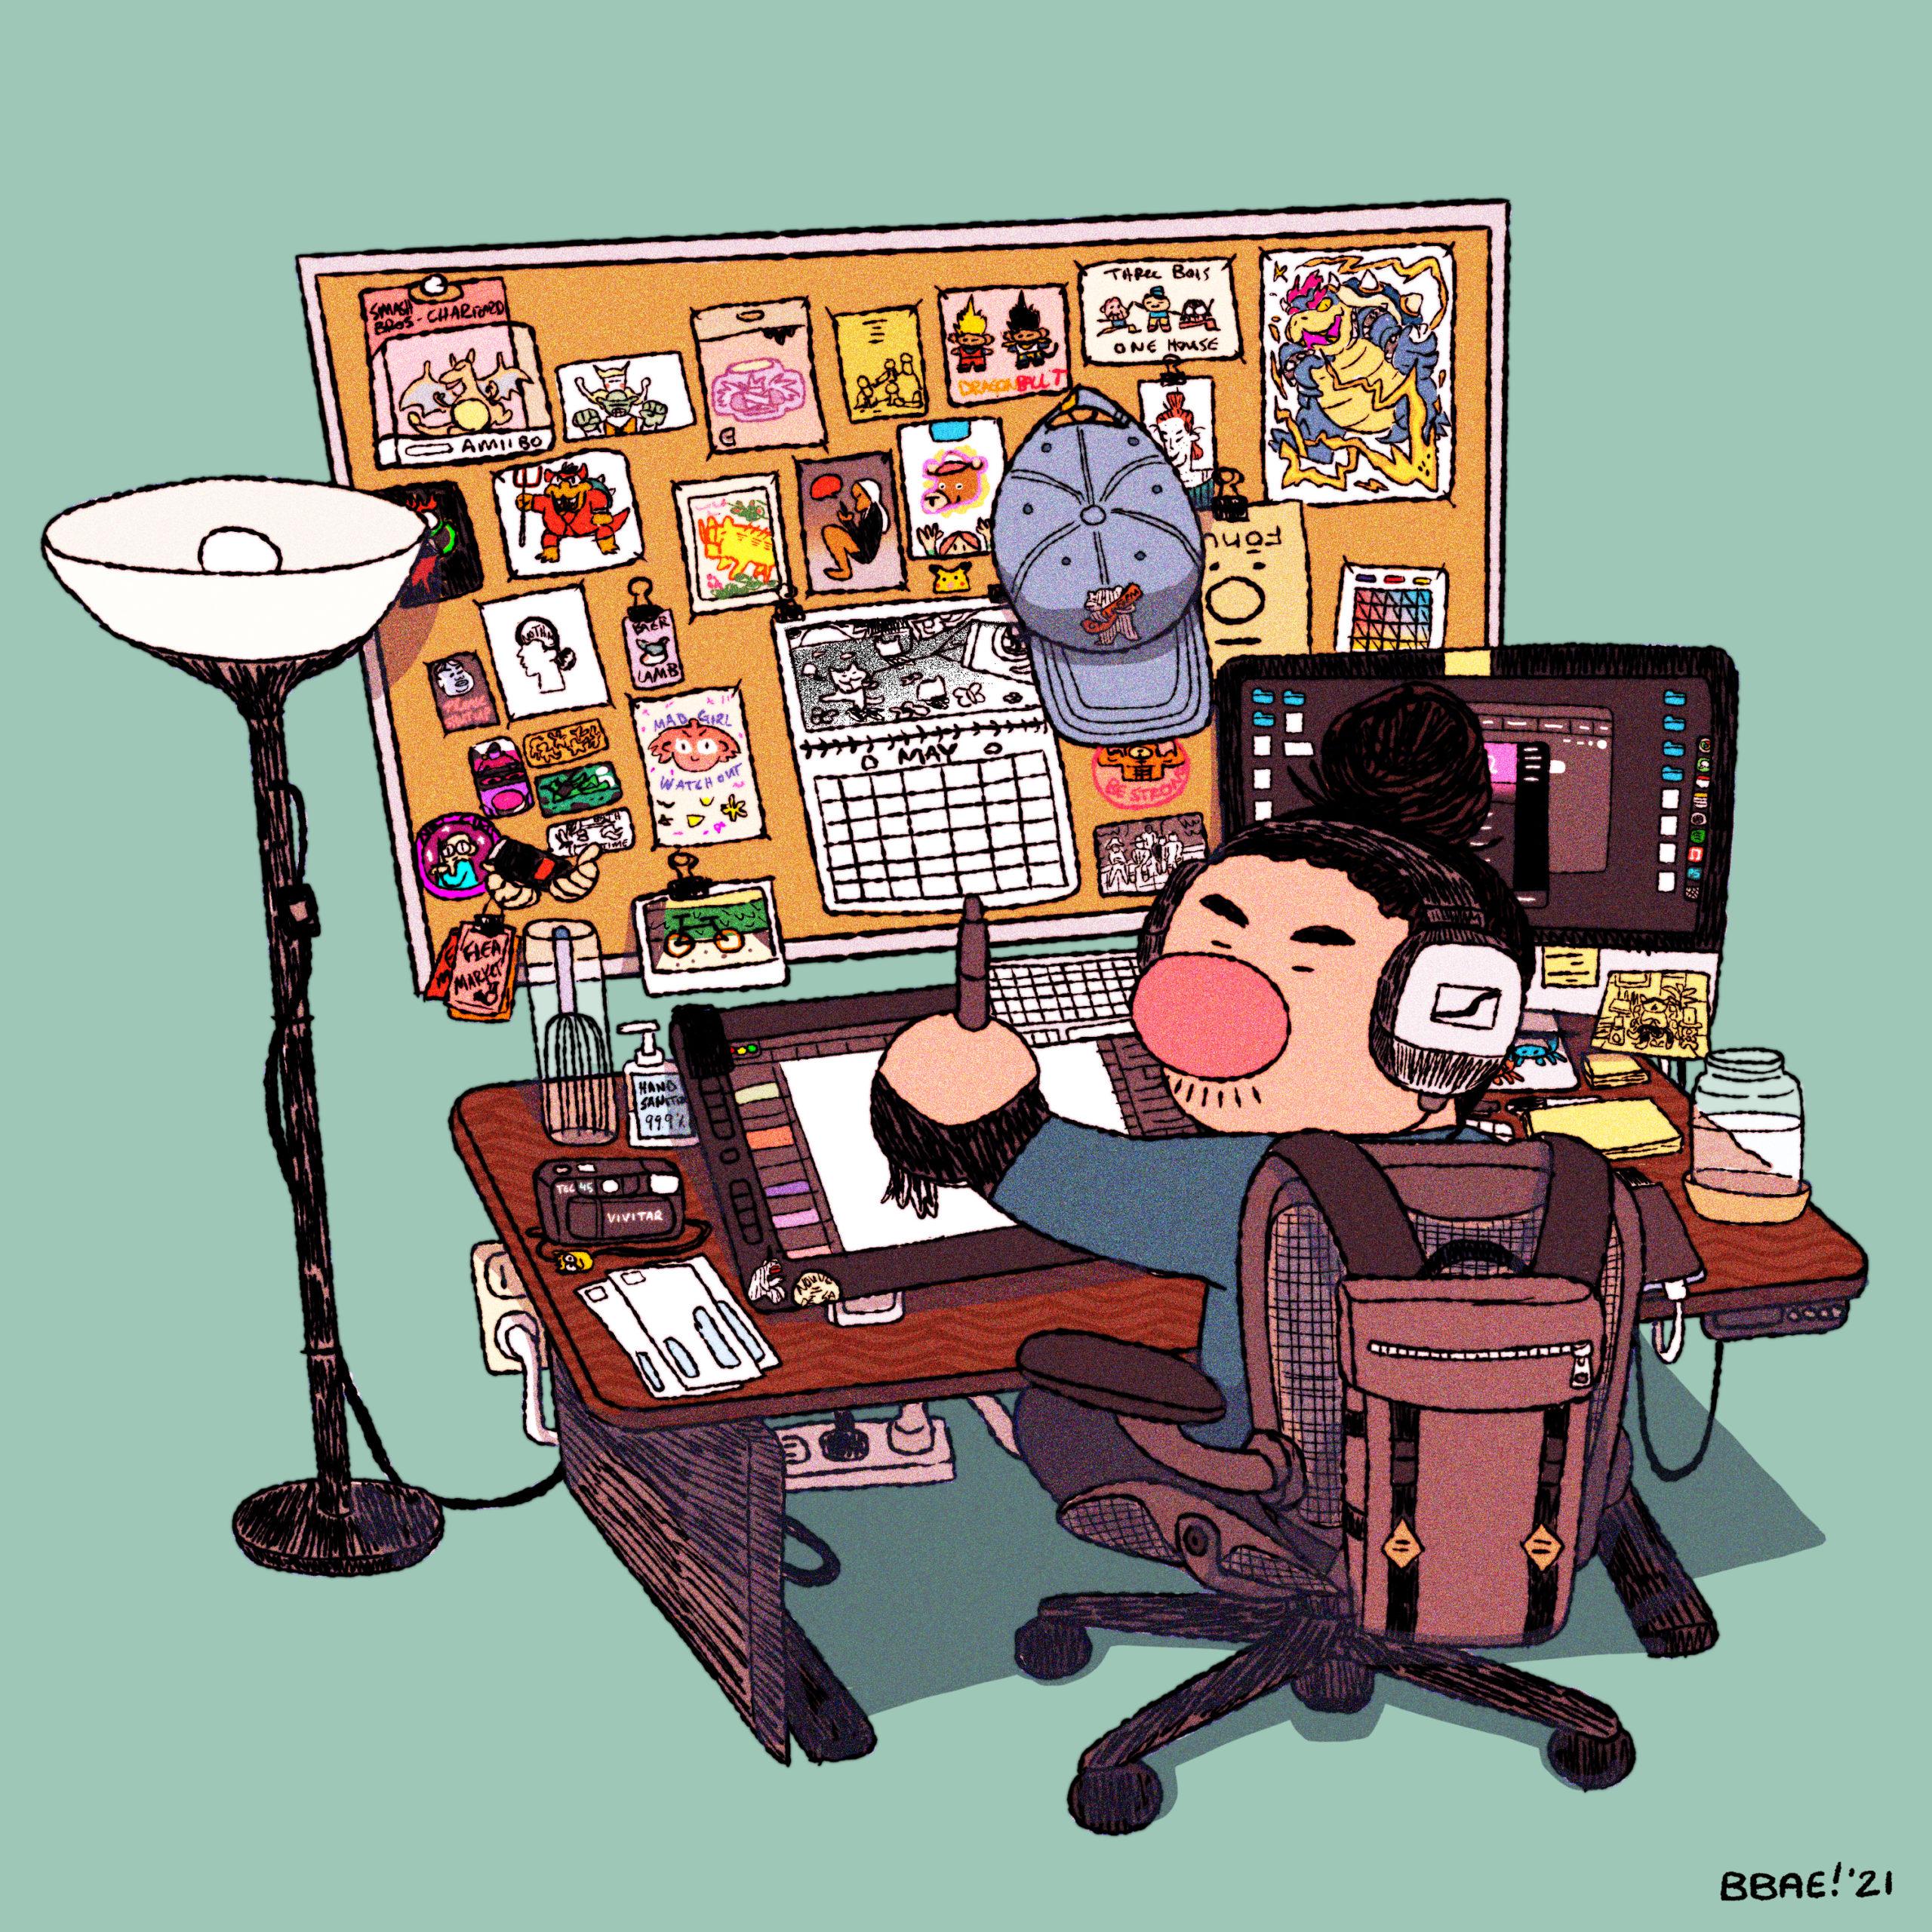 Cartoon character at desk